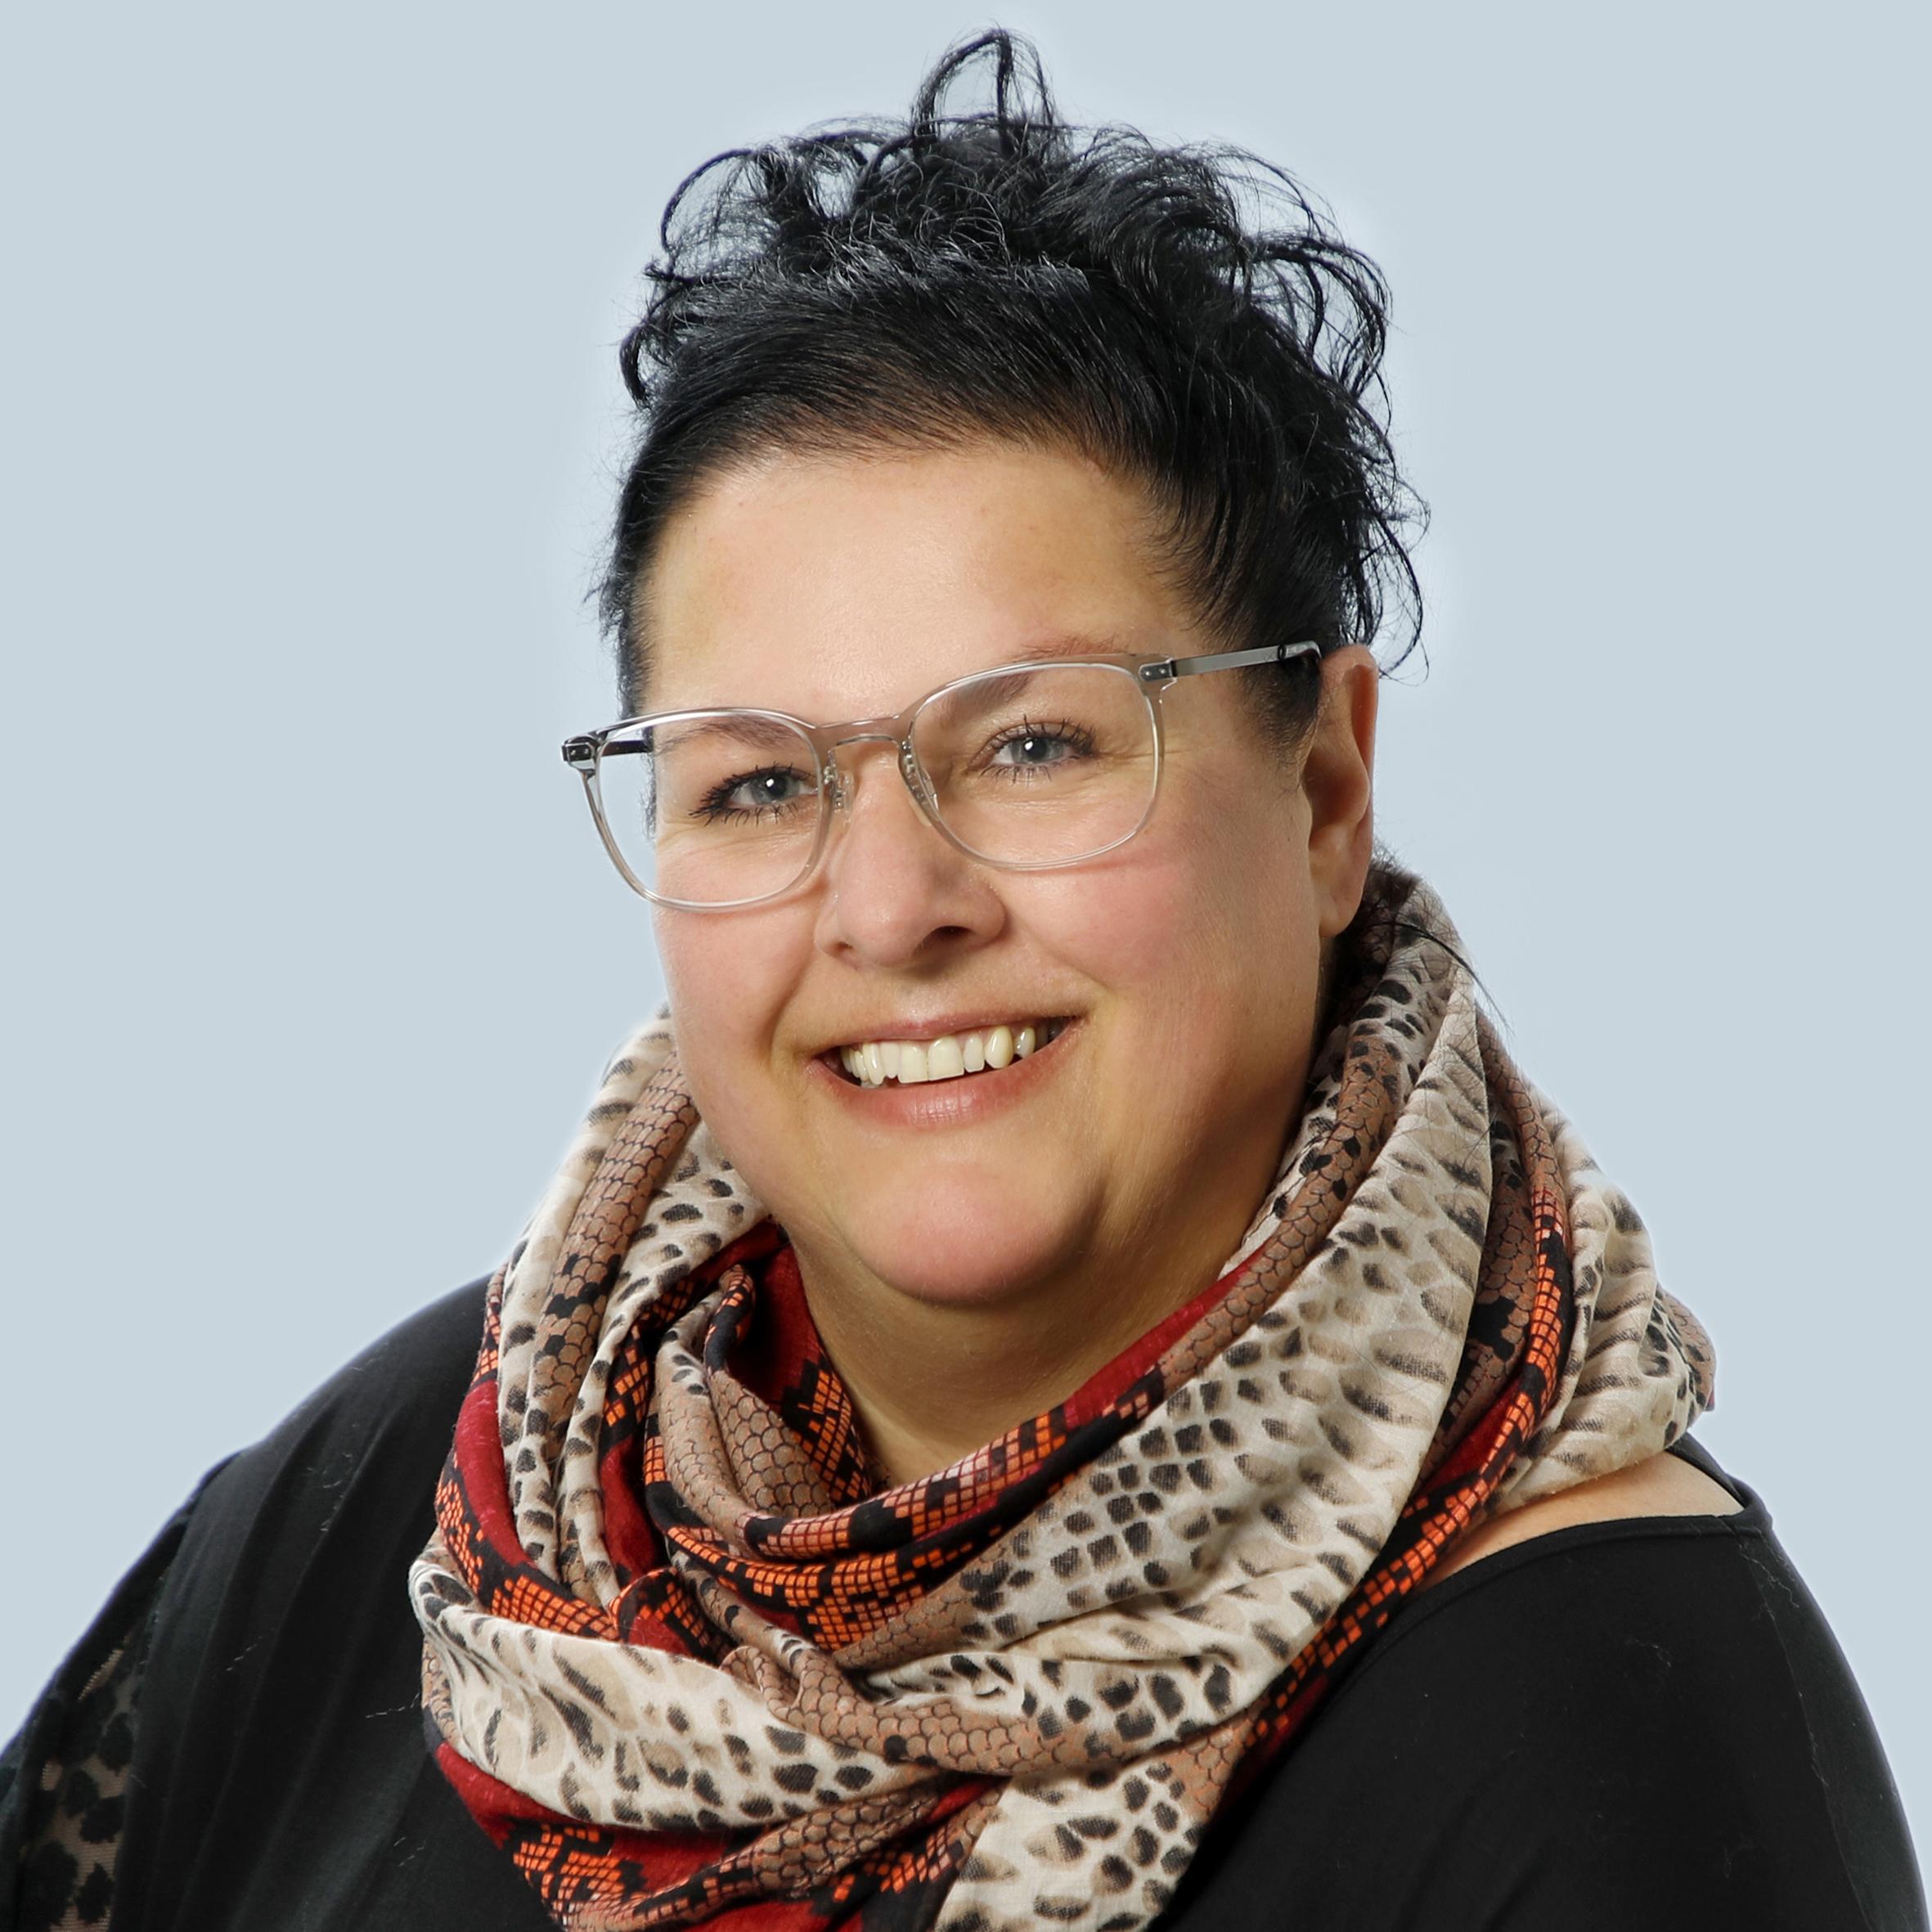 Barbara Weissenhofer